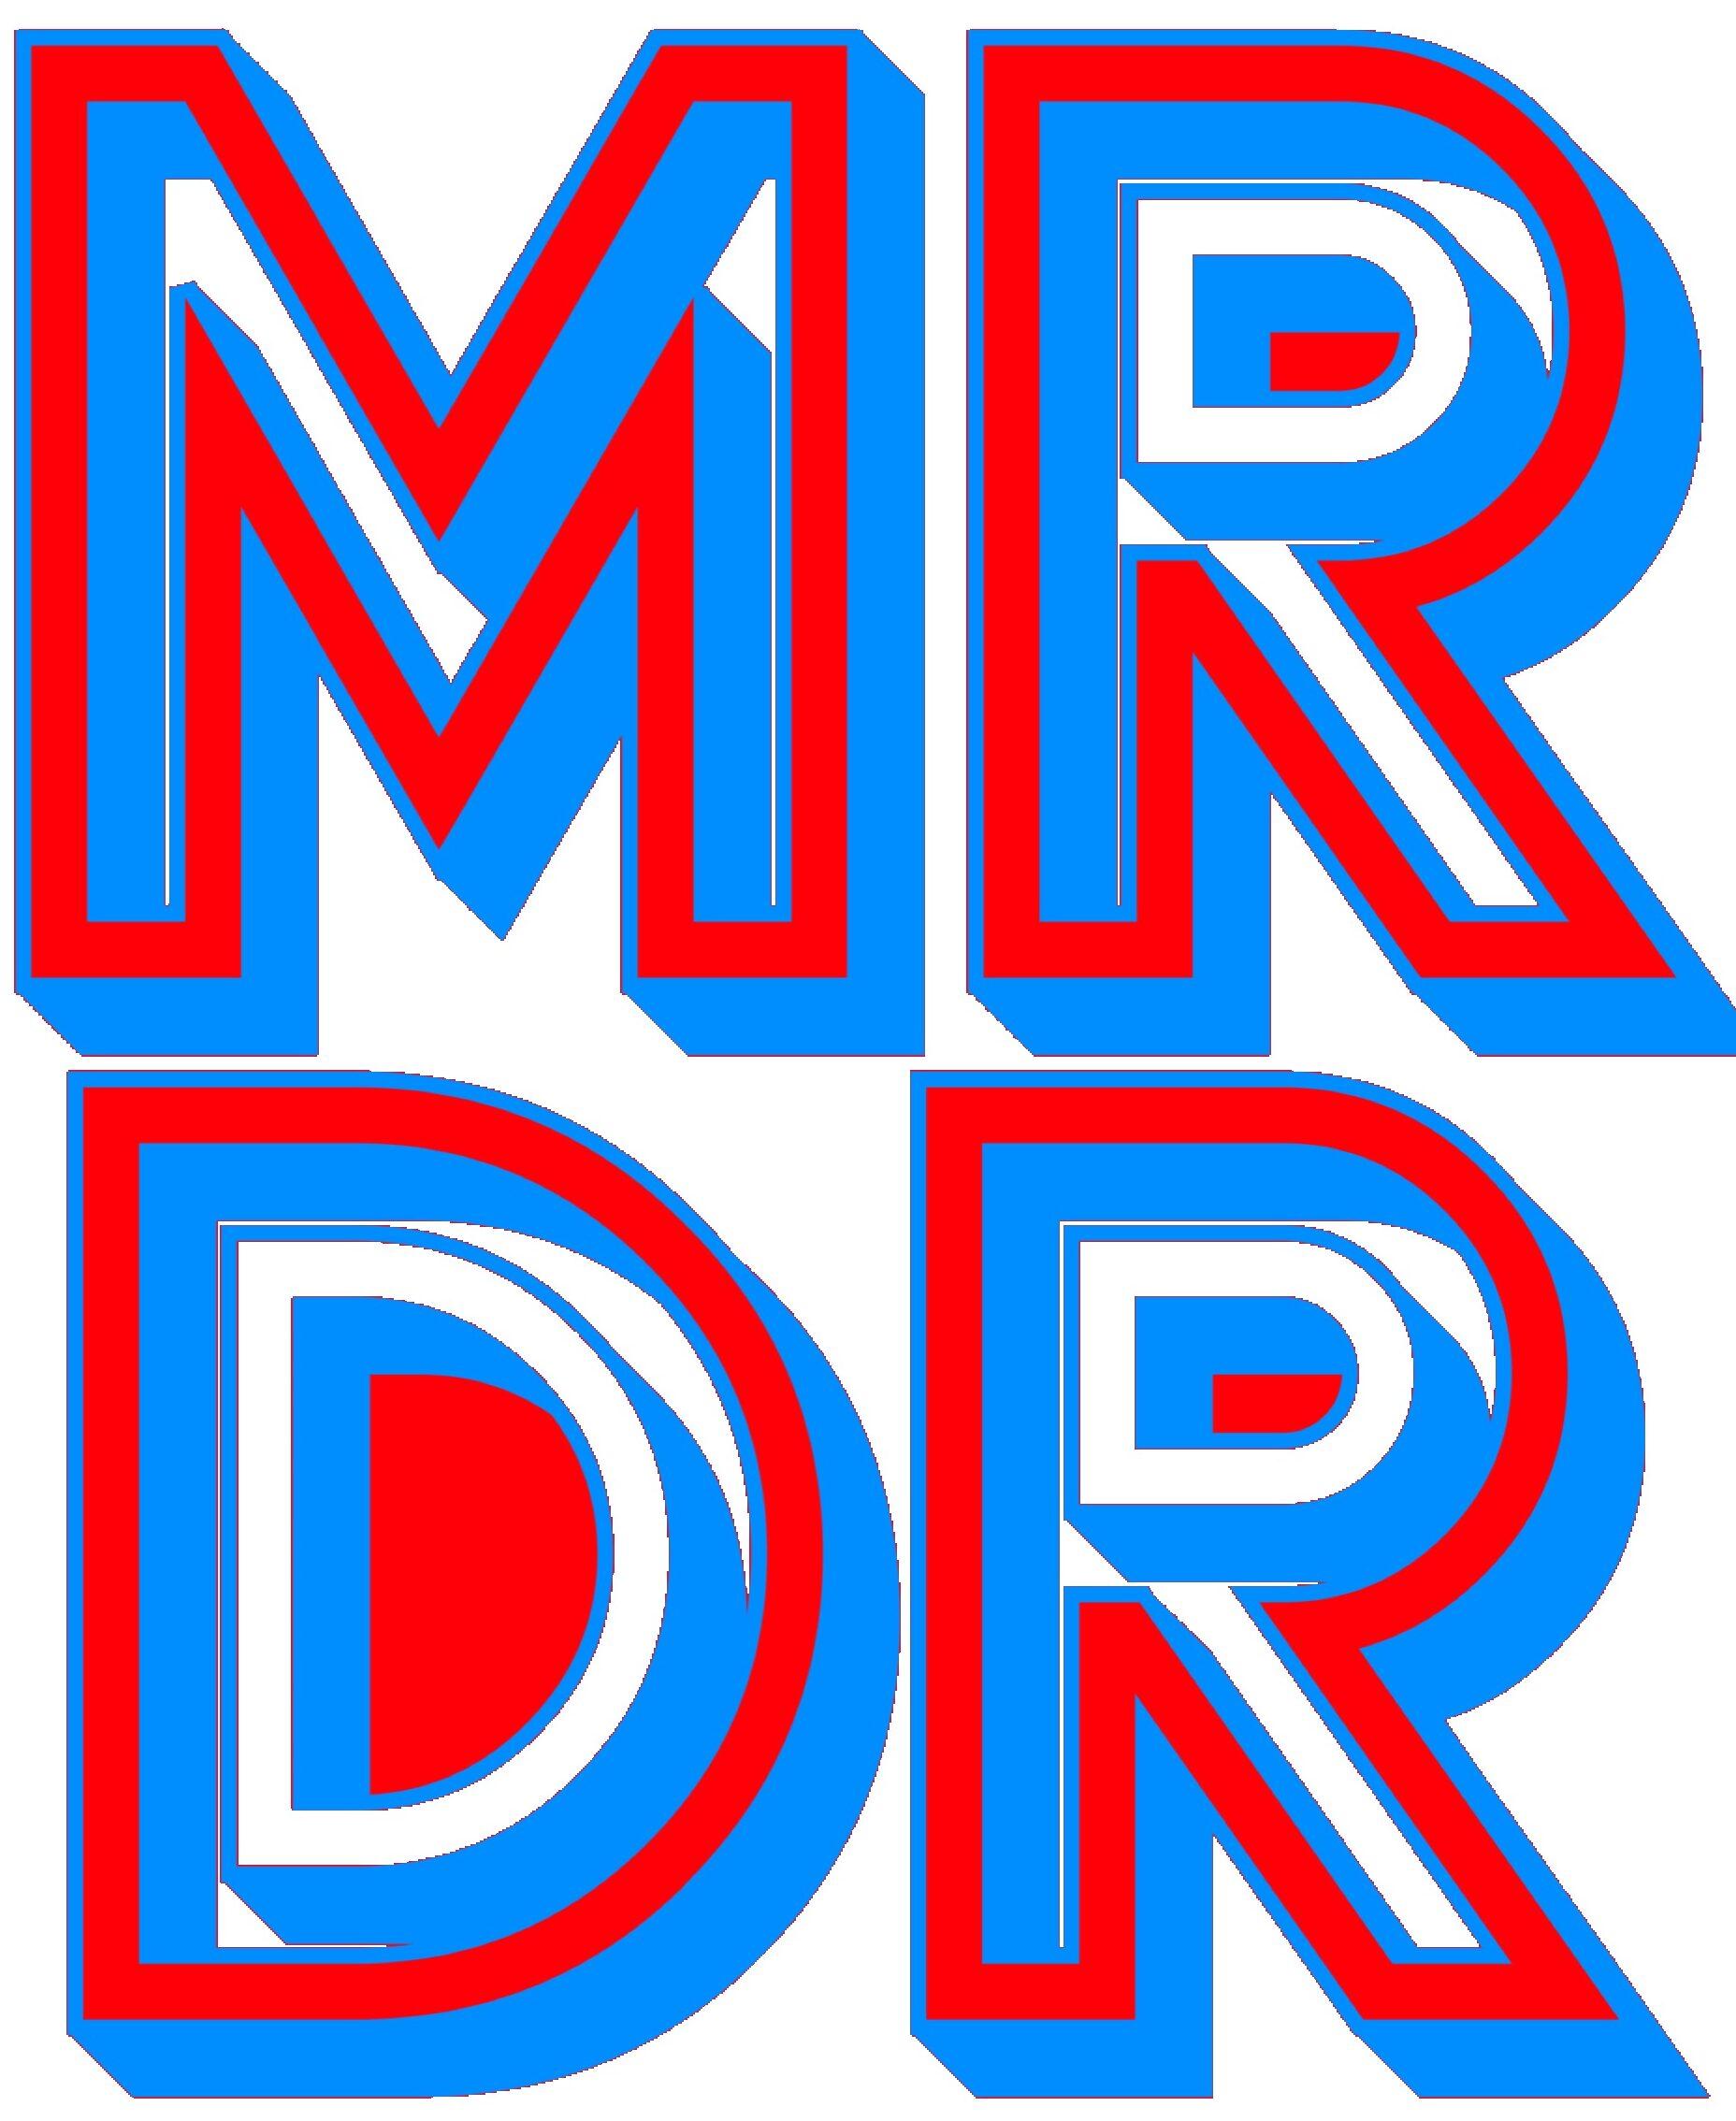 The MRDR Shop